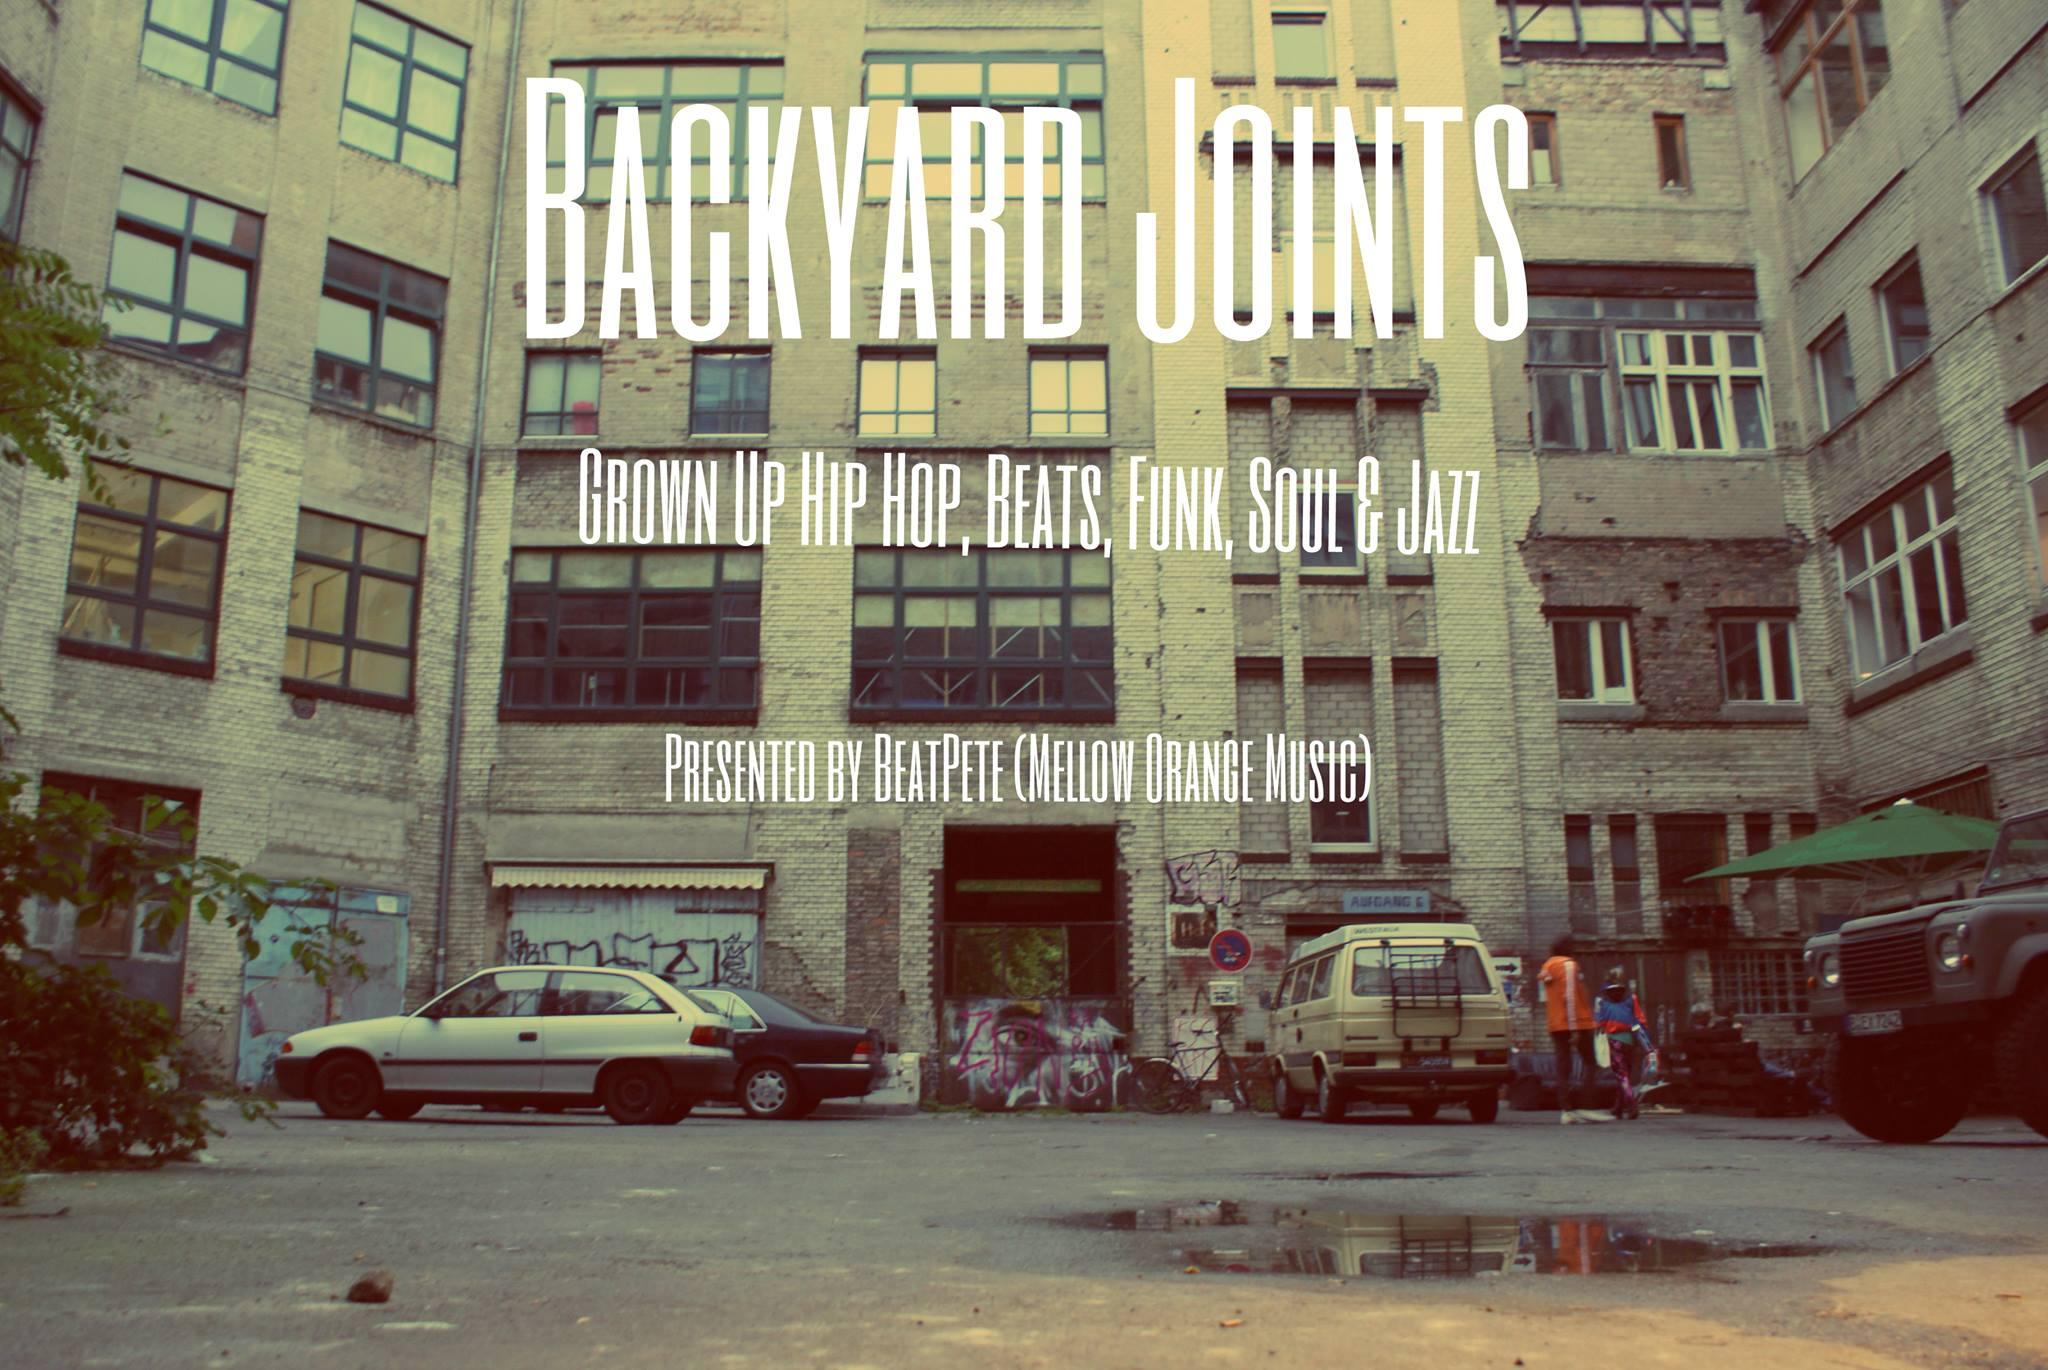 BACKYARD JOINTS